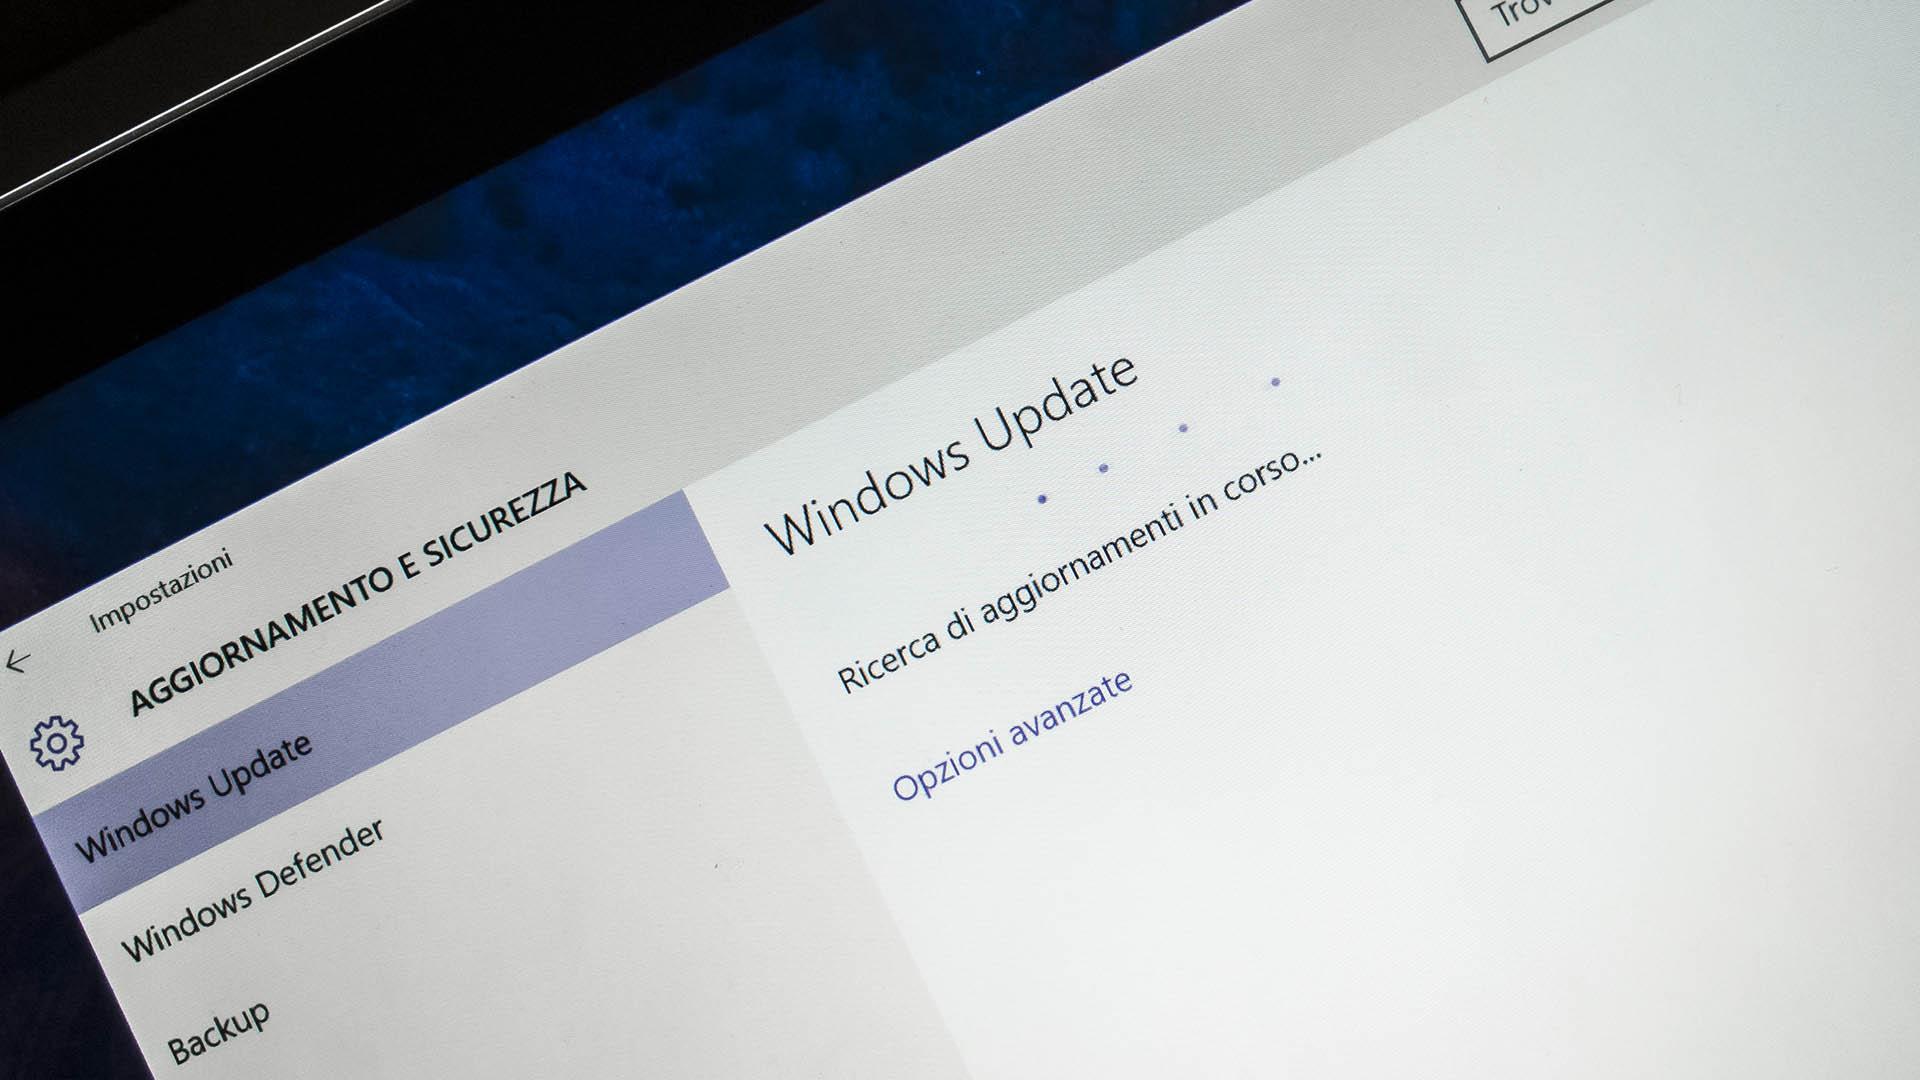 Aggiornamento Windows 10 Update nuova versione 1511 1607 1703 1709